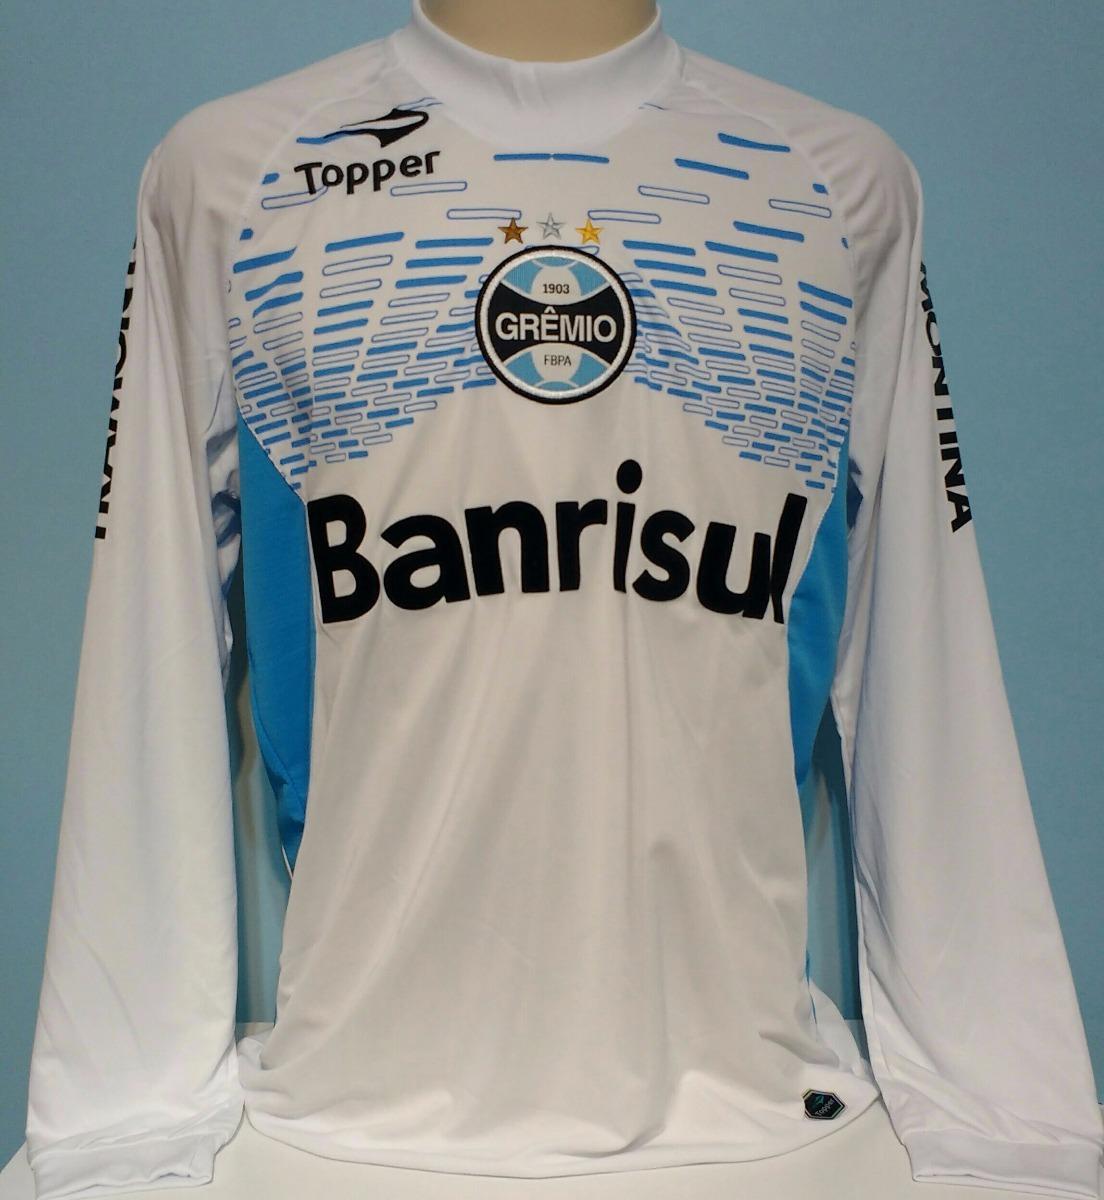 4460aa1f5a camisa do grêmio de goleiro 2012 100% original topper - 11. Carregando zoom.